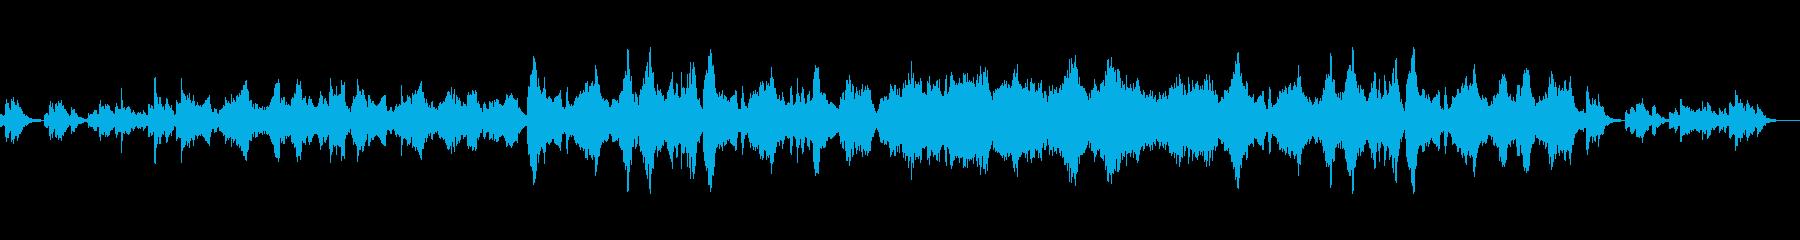 ほのぼのした日常系アニメをイメージした曲の再生済みの波形